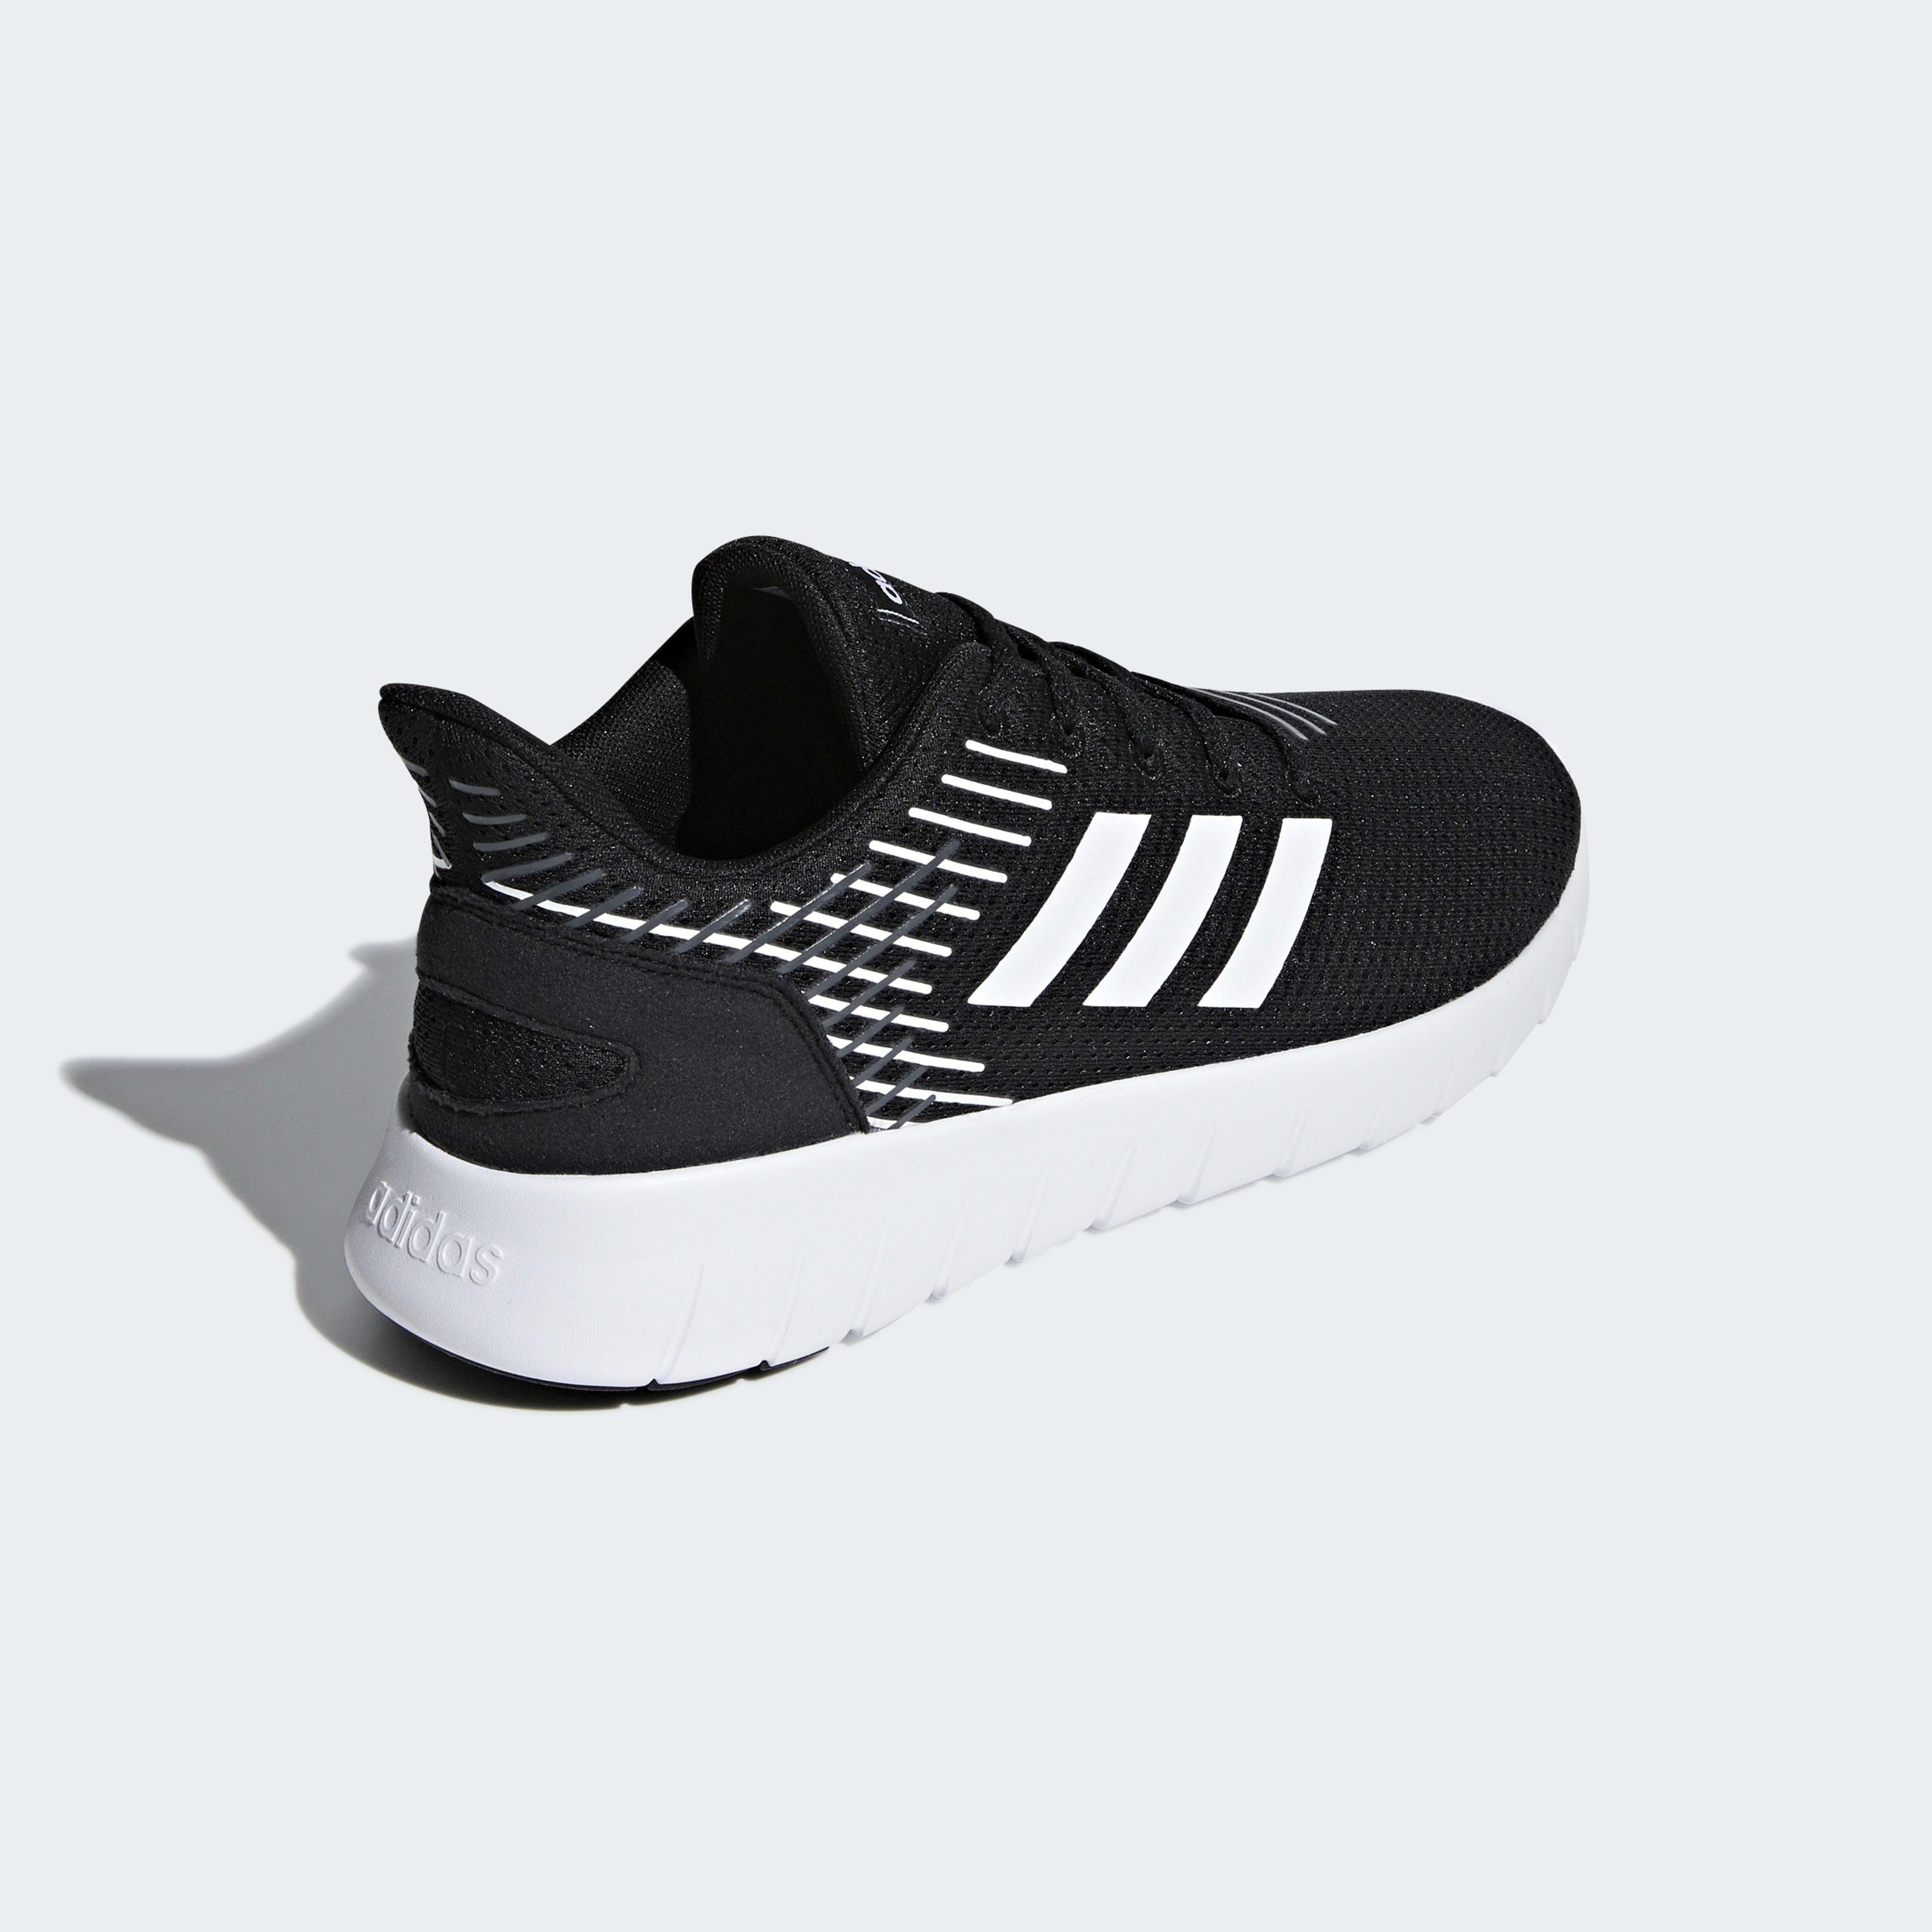 Schuh in Schwarz Gummi Lyst Herren für adidas Asweerun TOZiPXku